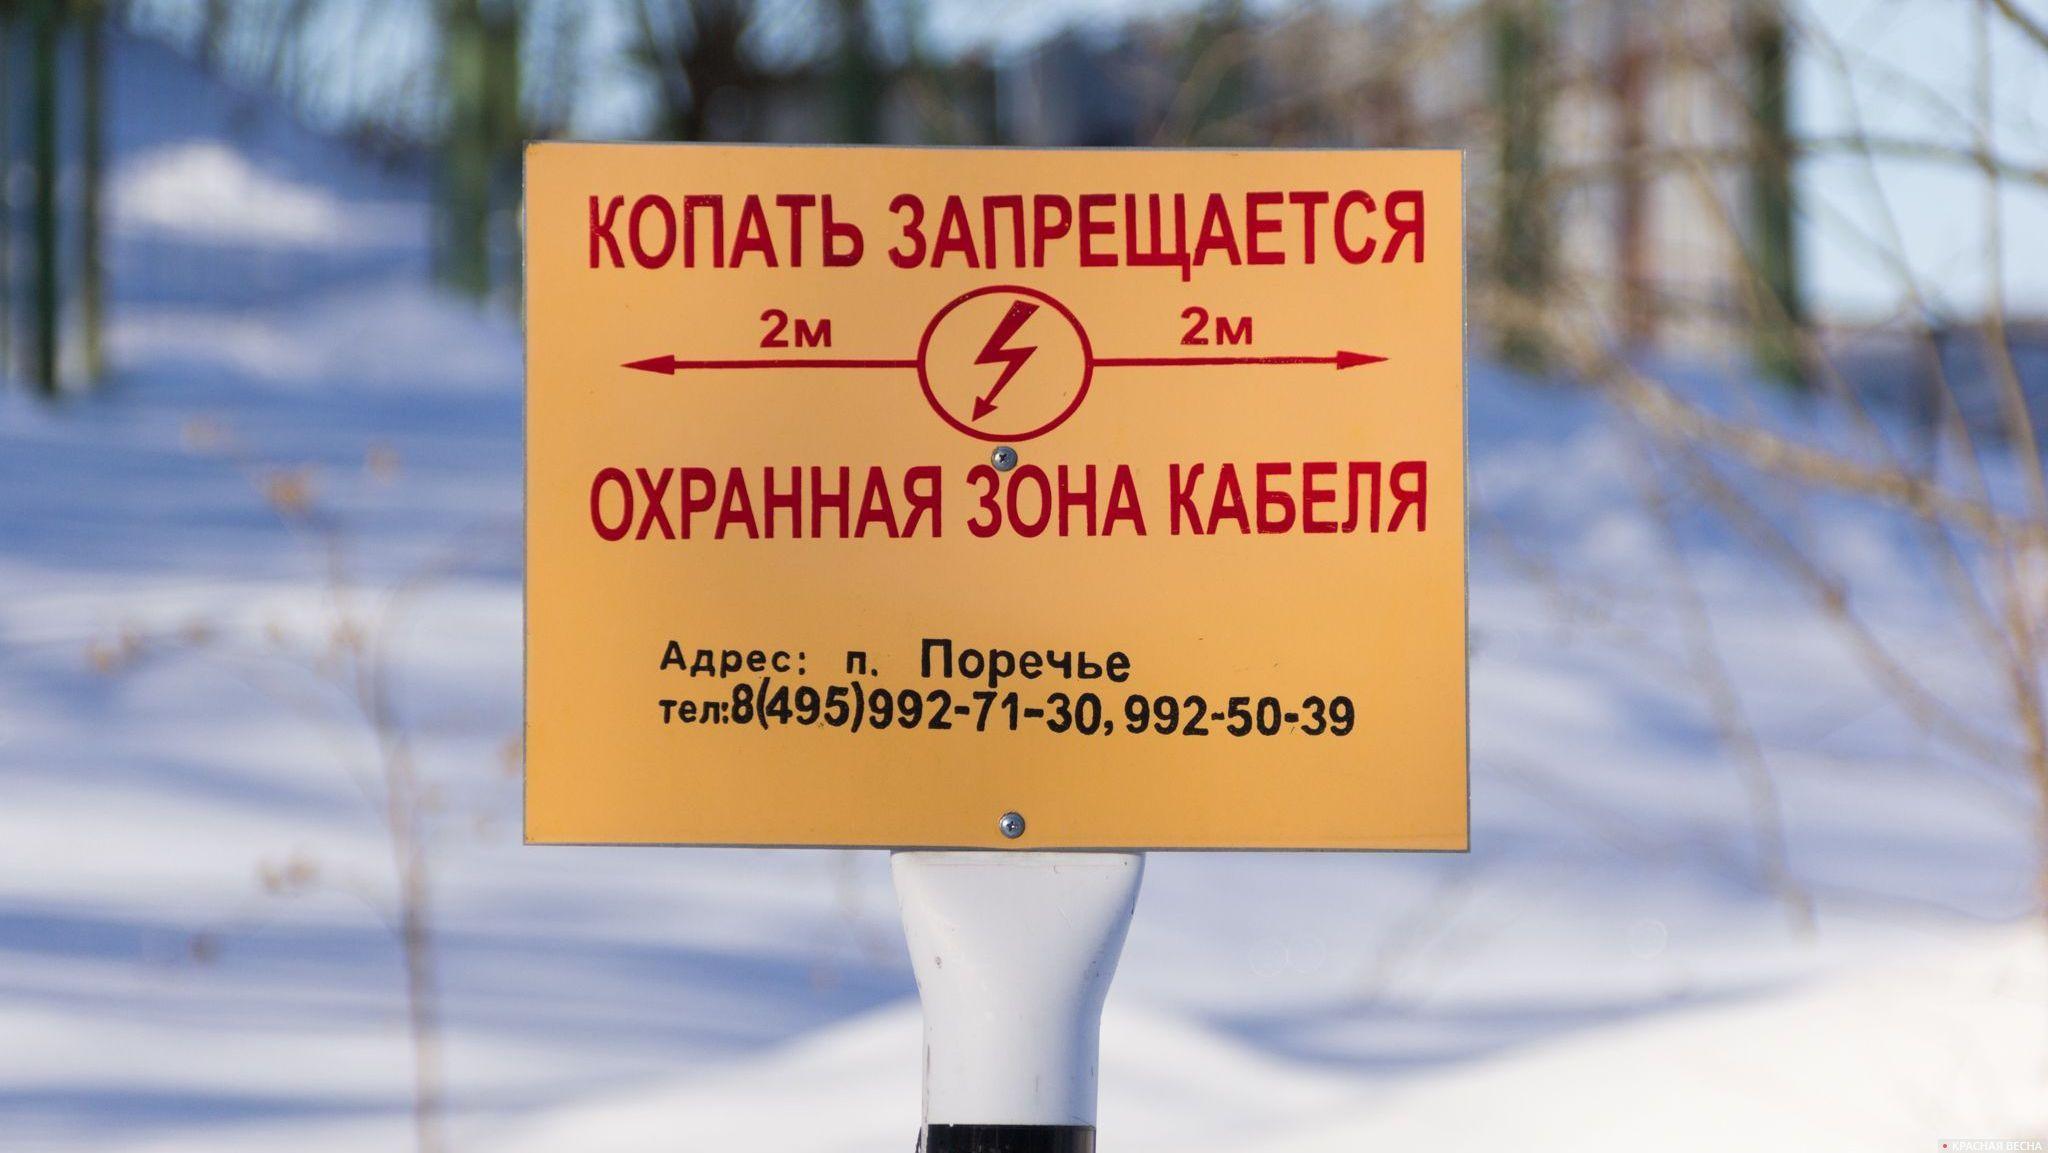 ВКрыму появились перебои сИнтернетом